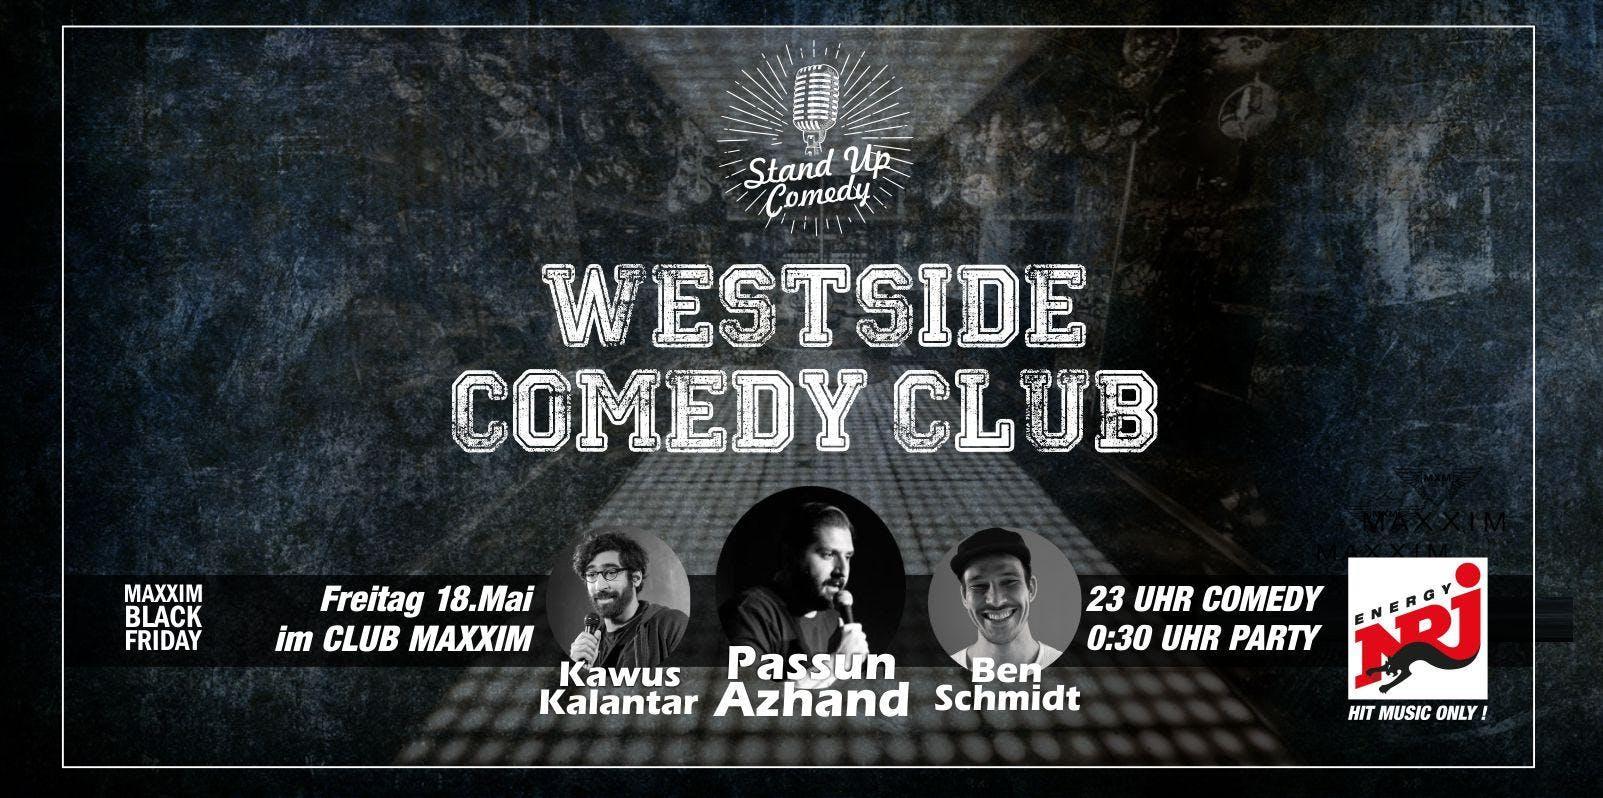 Westside Comedy Club